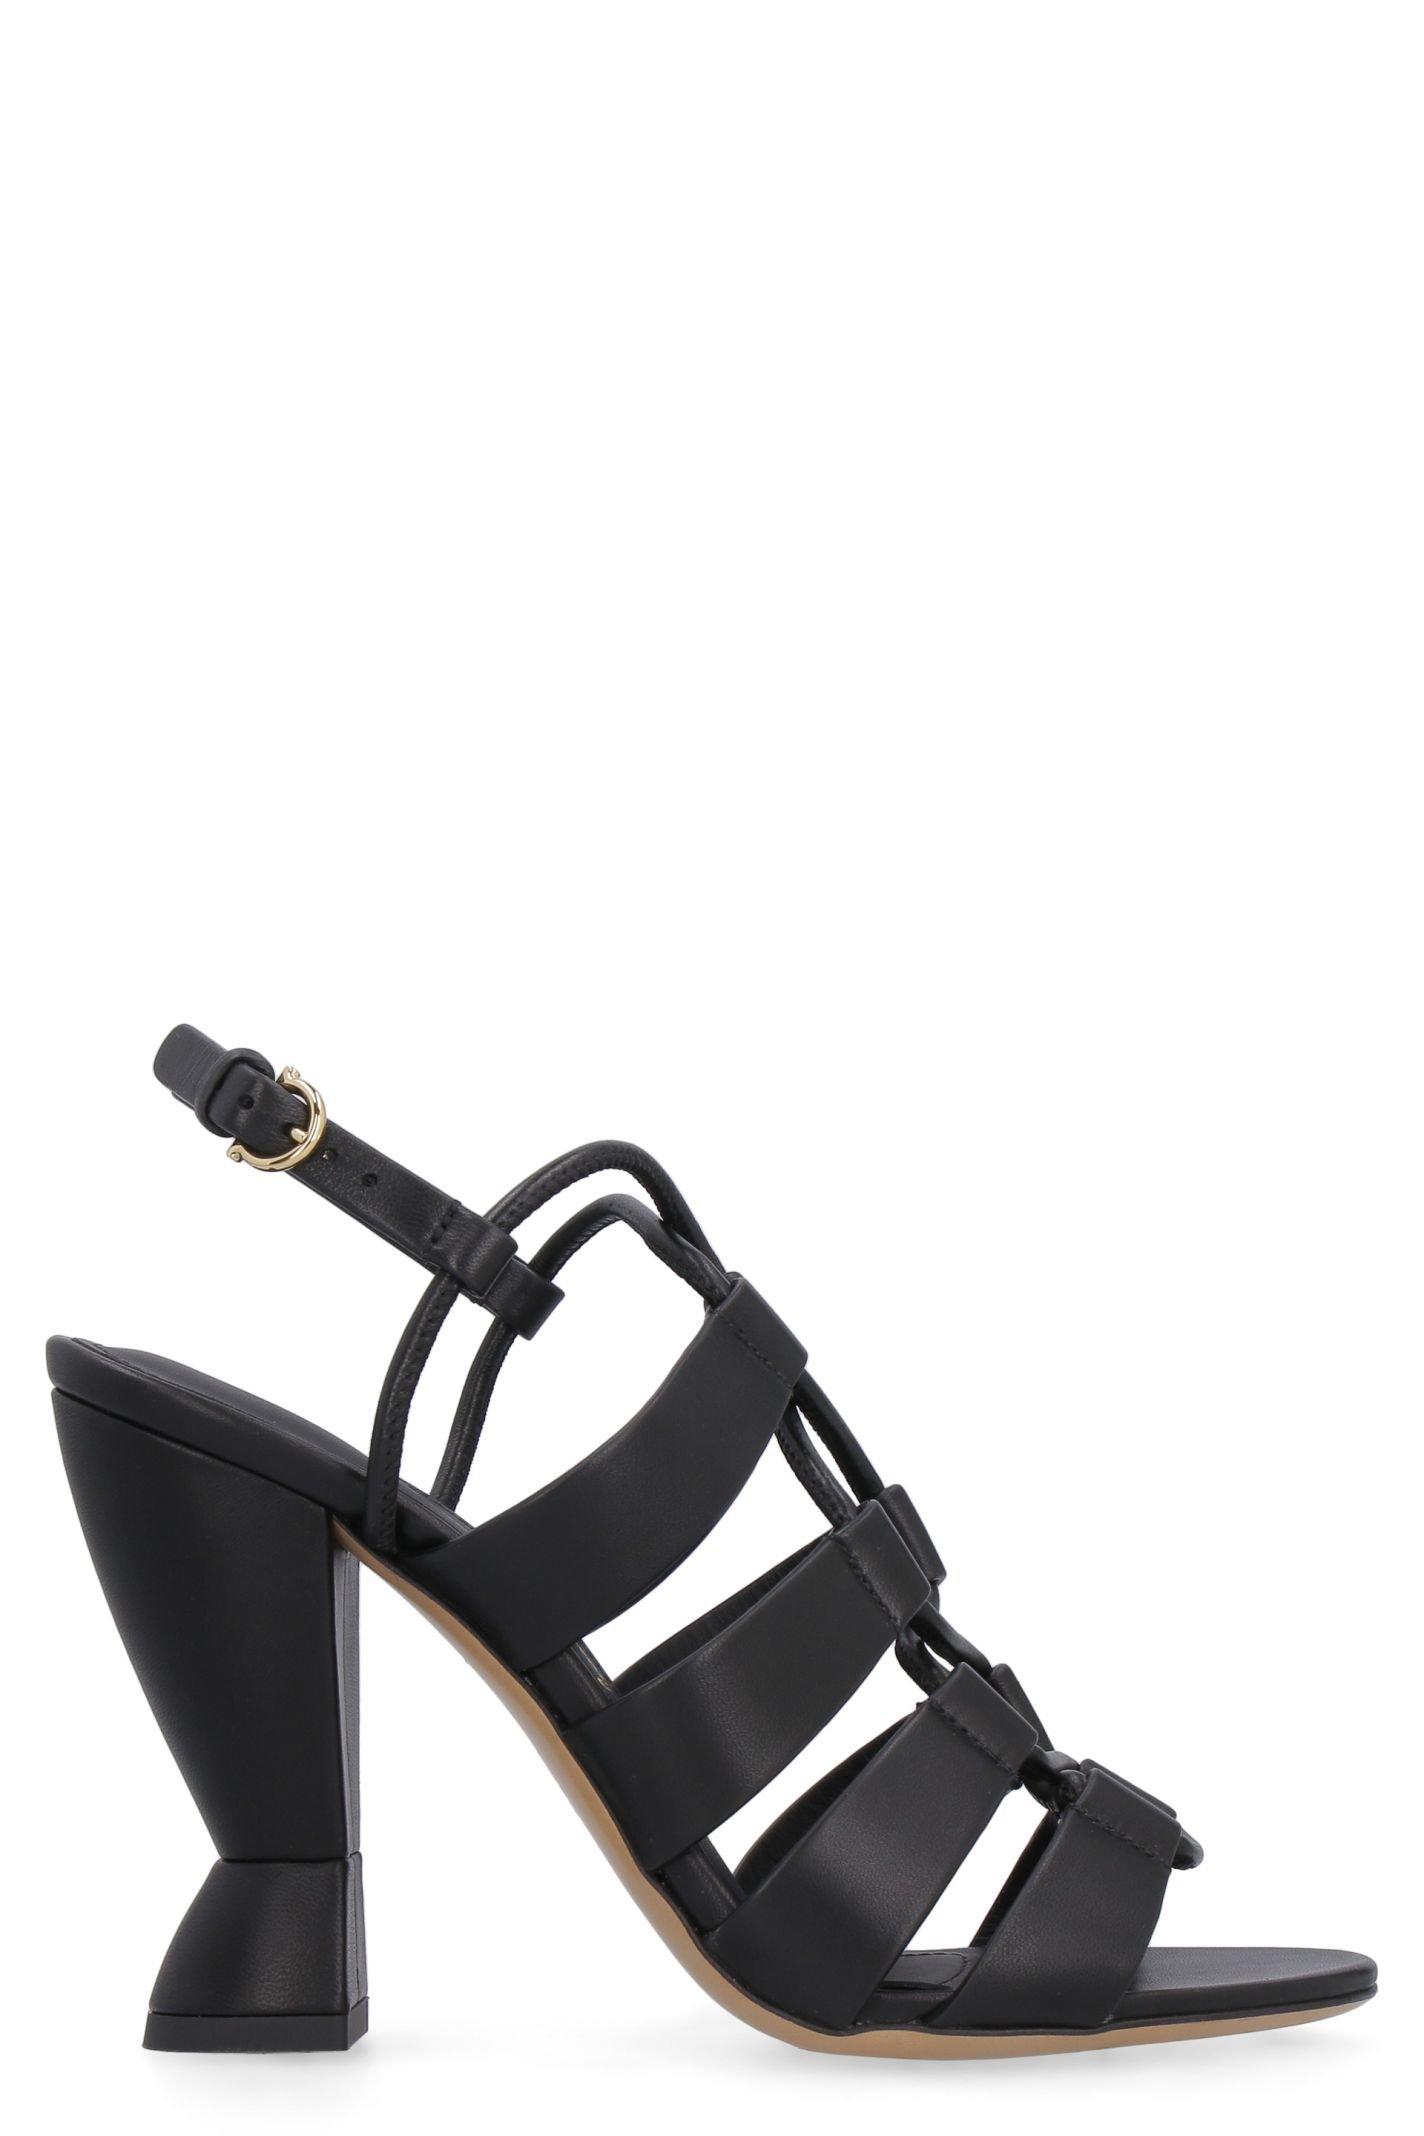 Salvatore Ferragamo Leather Sandals With Sculpture Heels